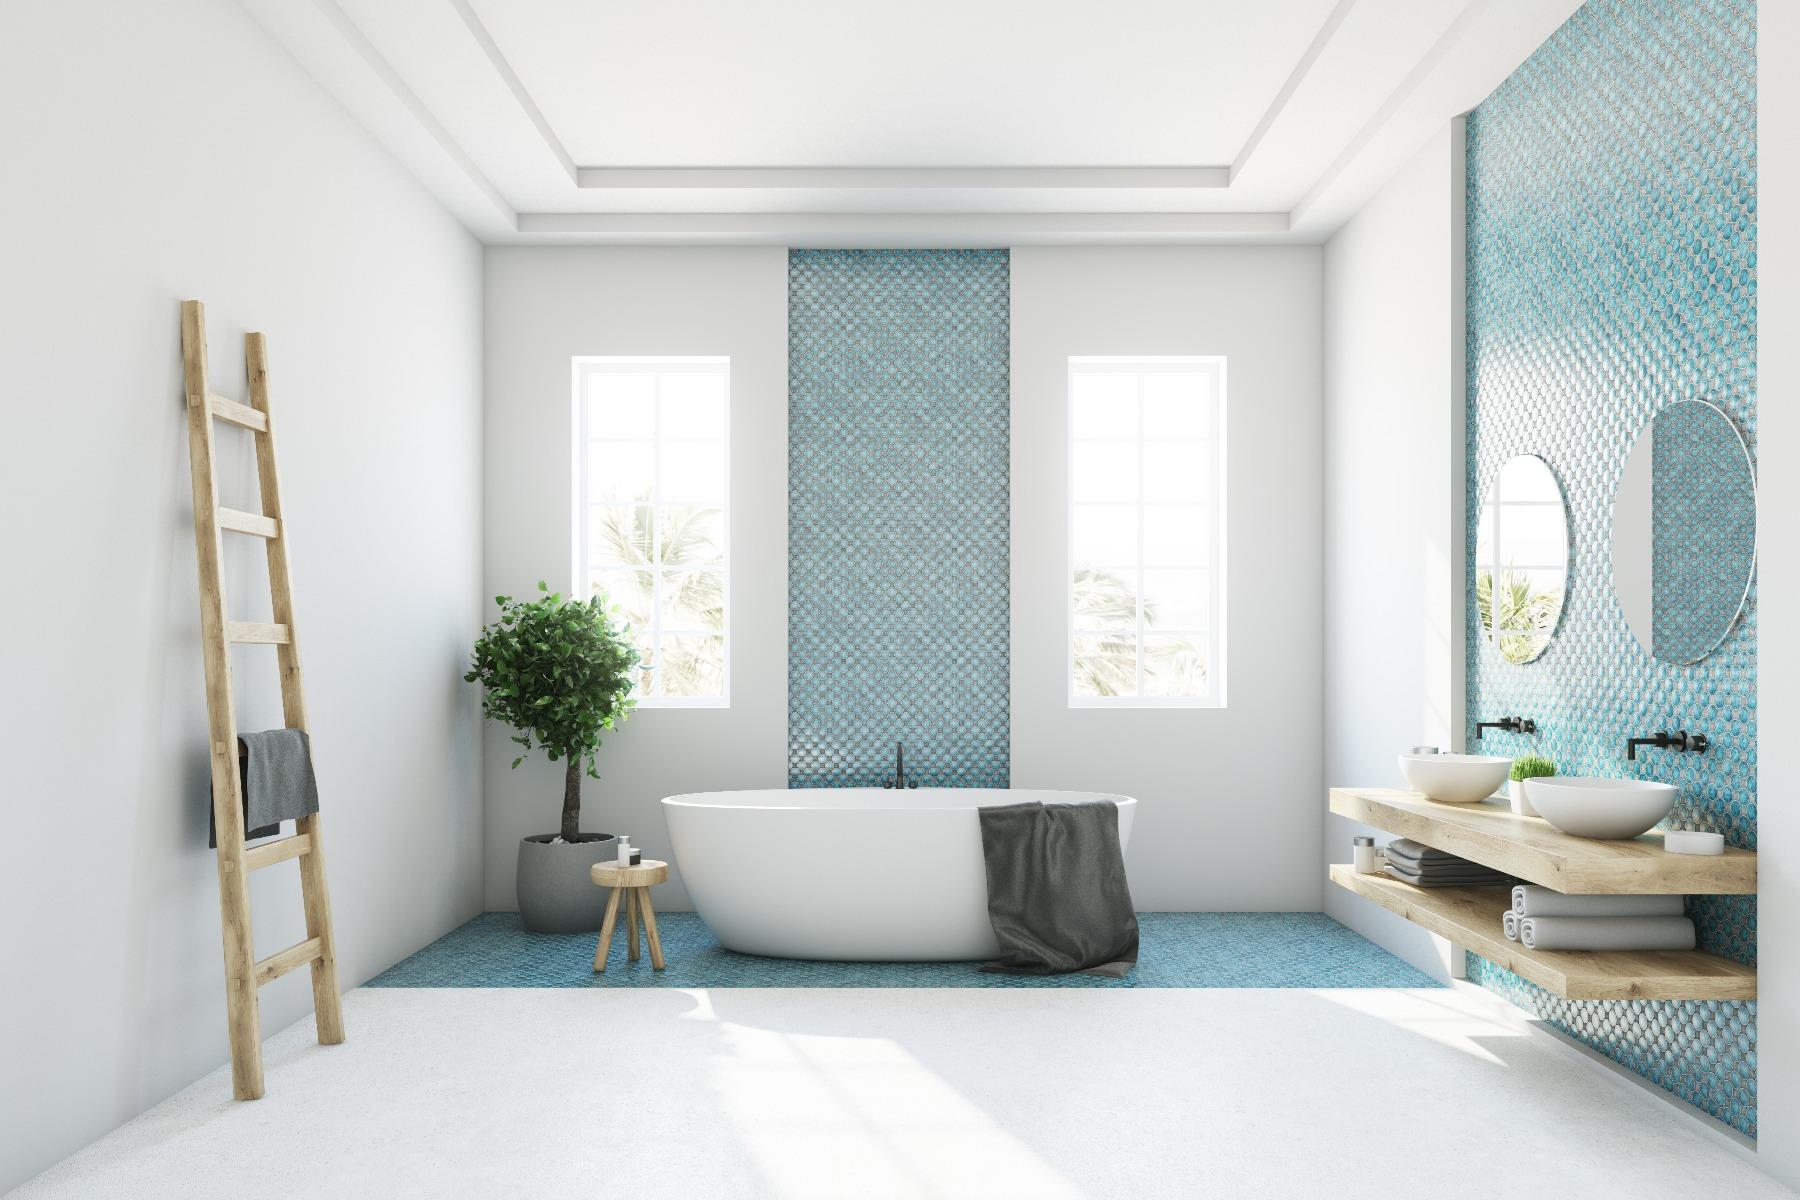 Das Bild zeigt ein modernes Badezimmer.